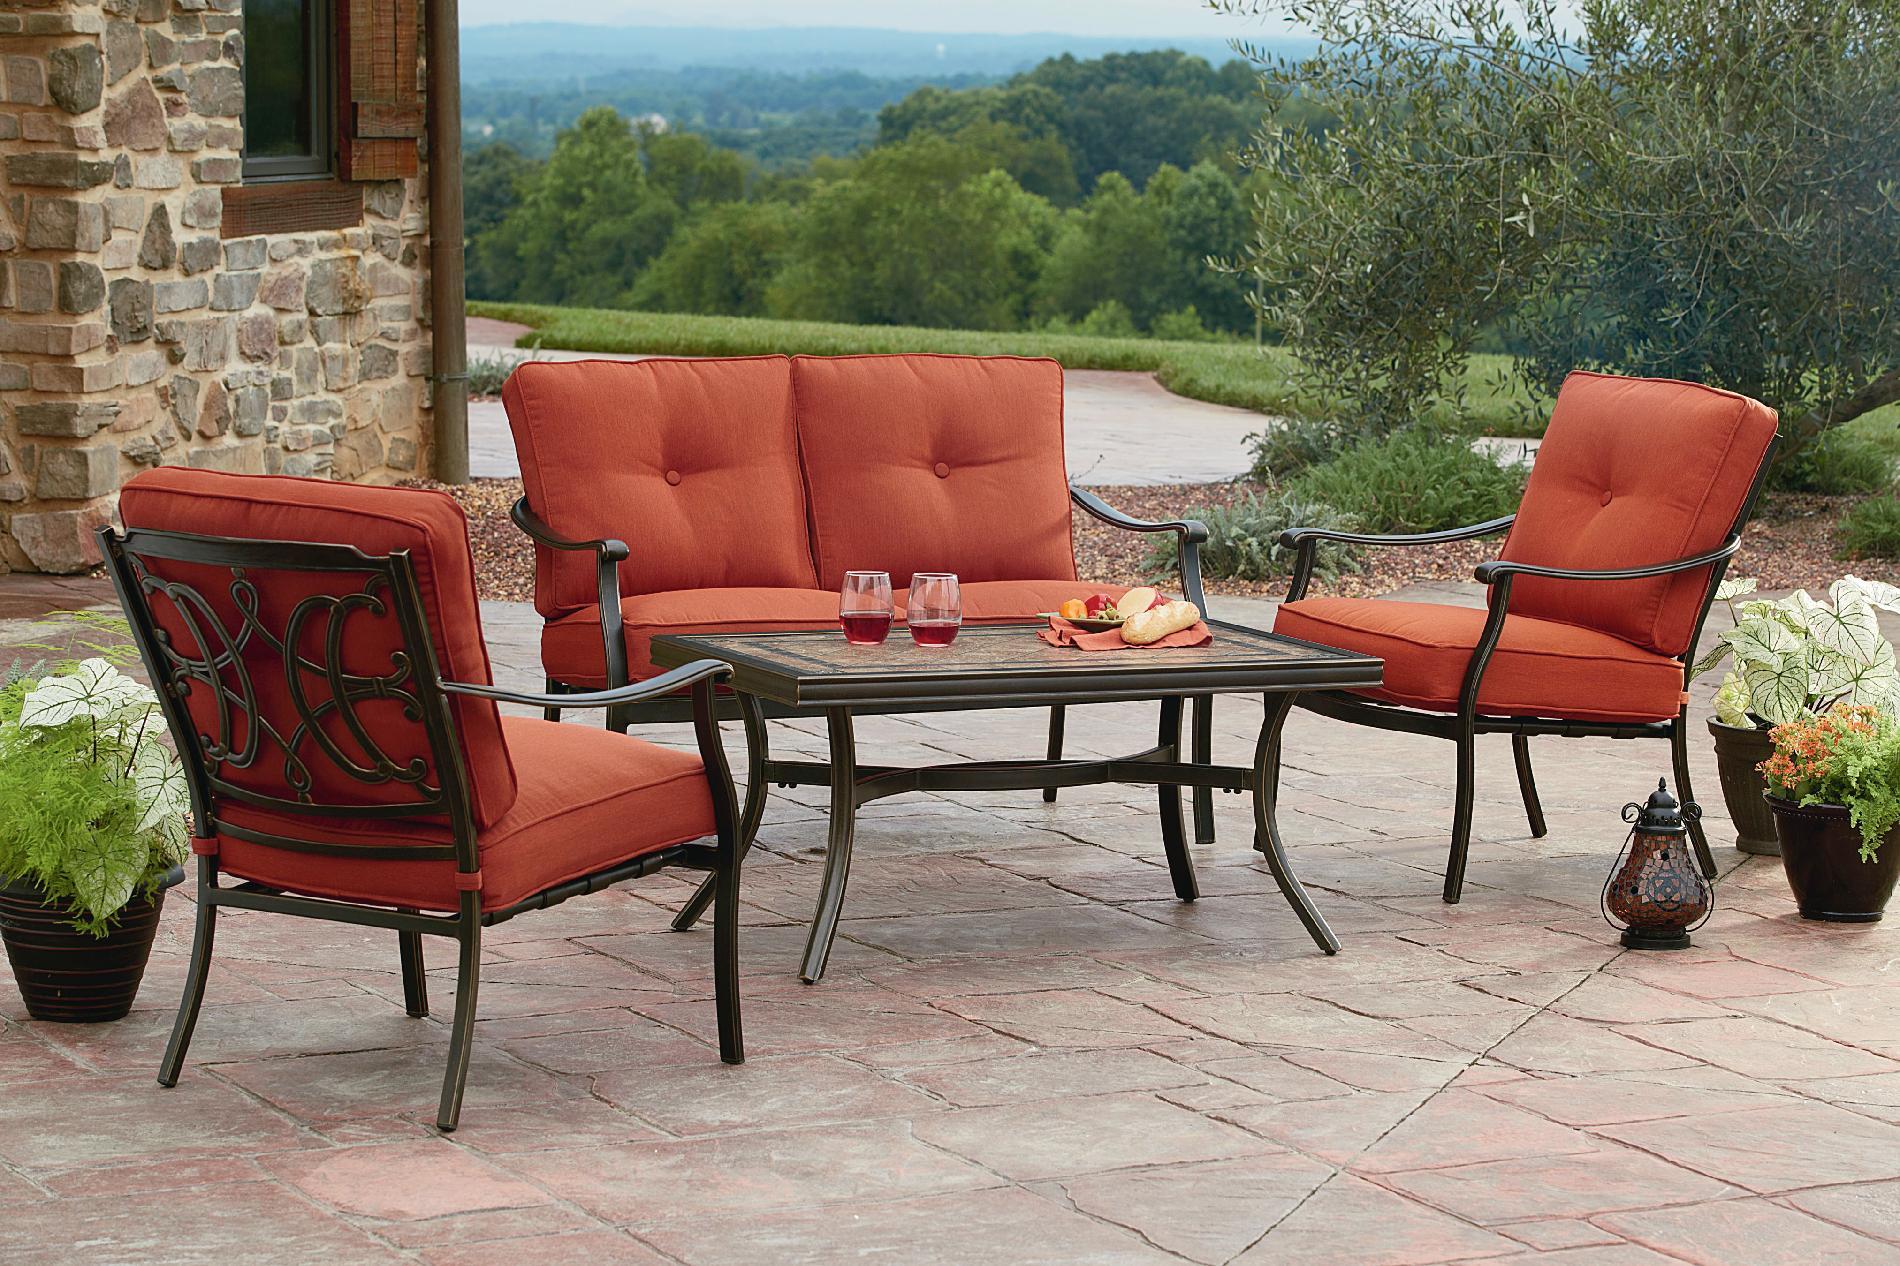 agio international tuscany 4 seating set featuring Agio Patio Furniture id=16750